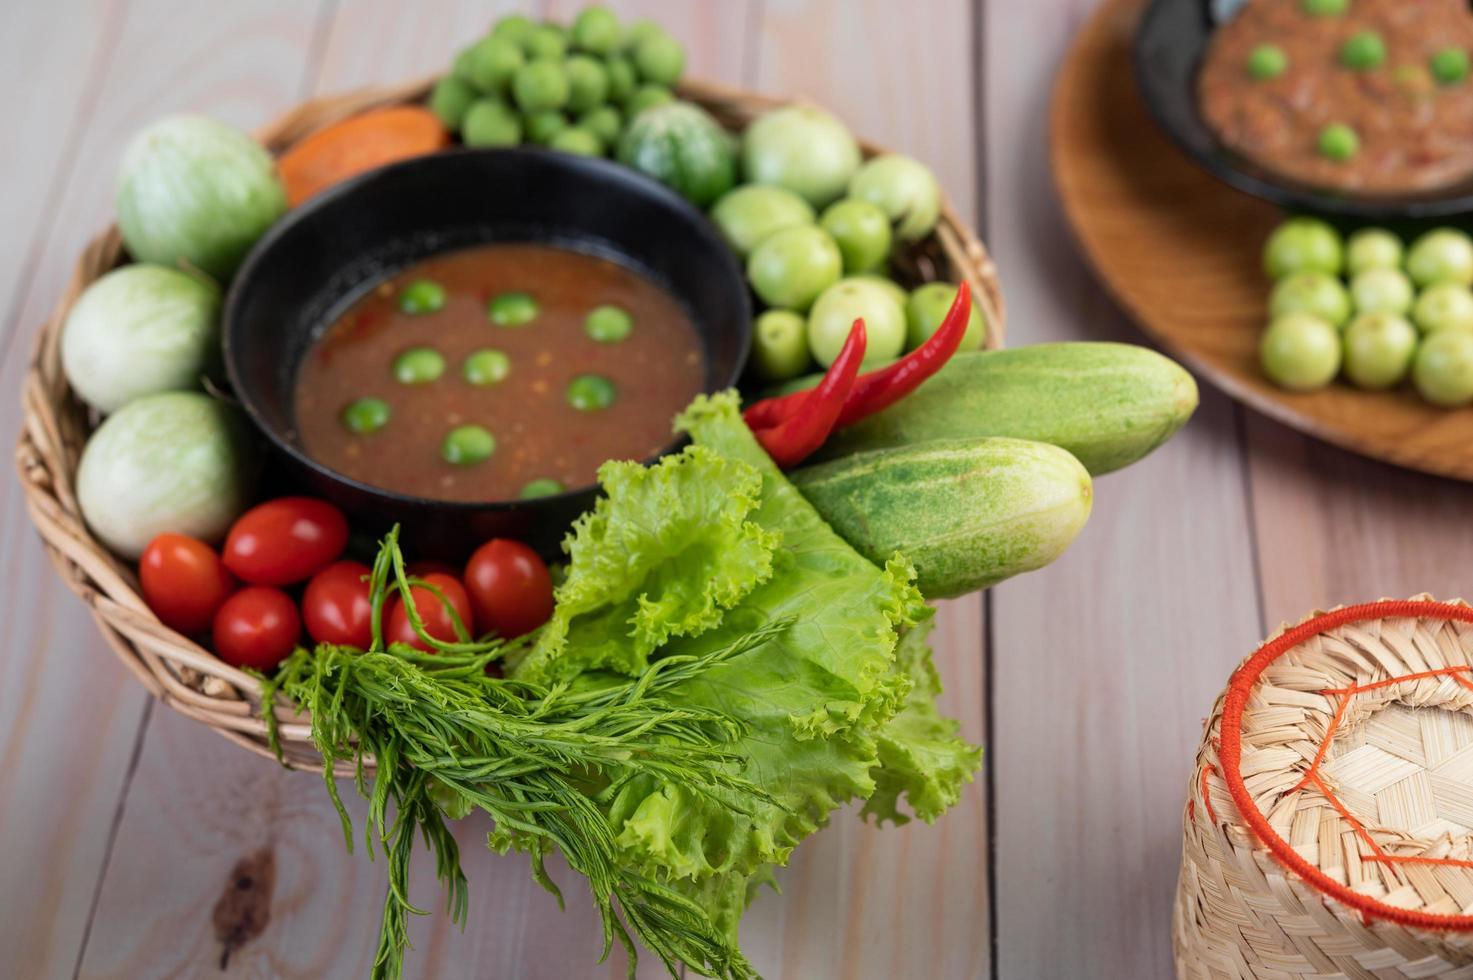 Chilipastenpaste in einer Schüssel mit Auberginen, Karotten, Chili und Gurken in einem Korb foto